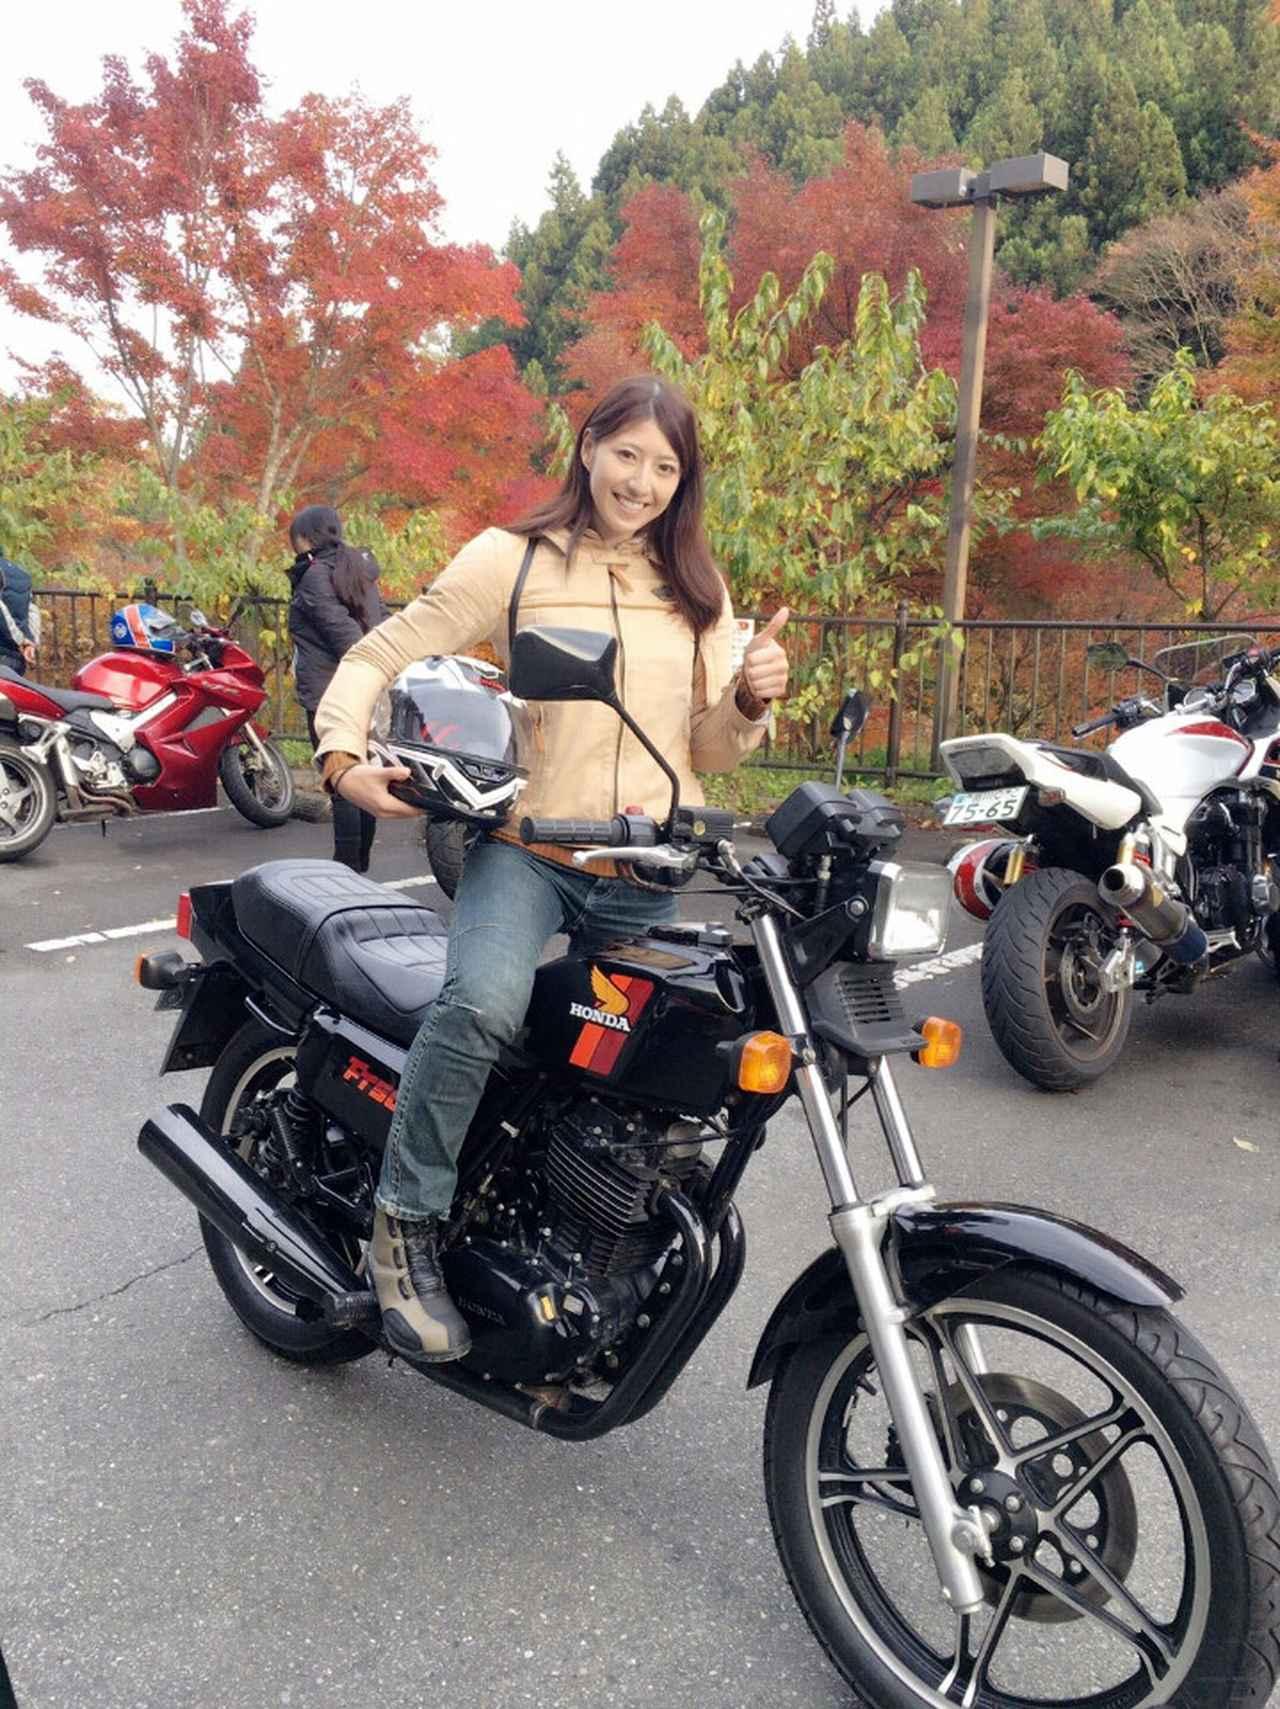 大関沙織 画像3: ホンダドリーム世田谷主催...FT500でツーリング参加したよ